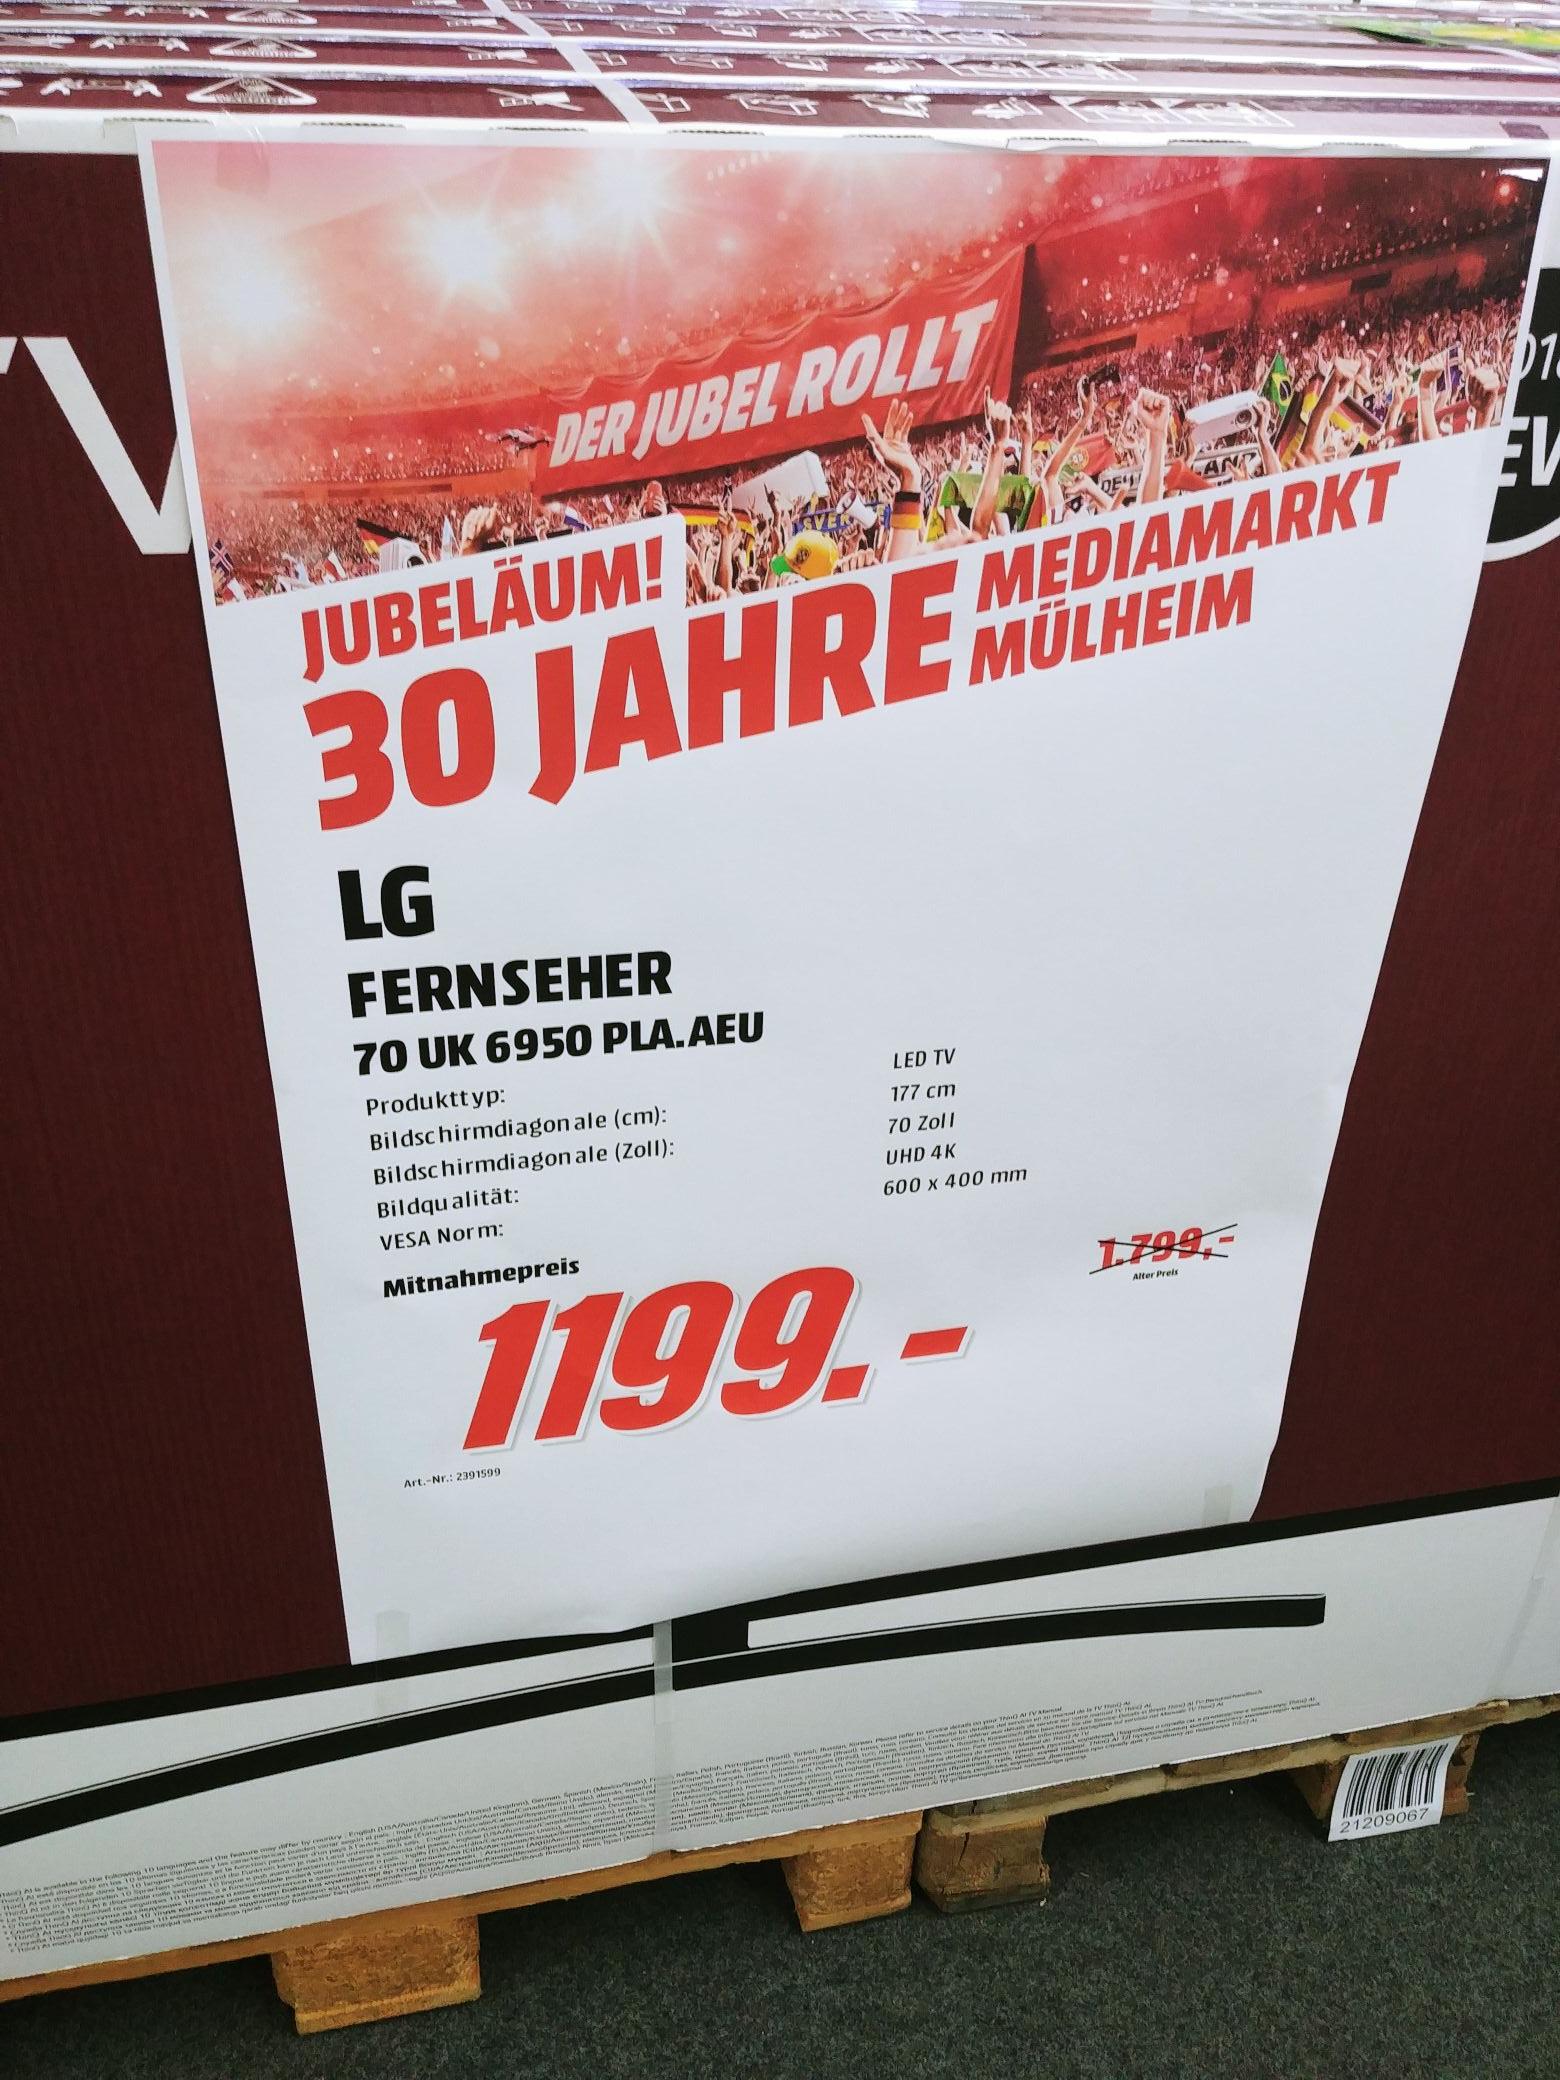 LG 70Uk6950 PLA bei Media Markt in Mülheim/Ruhr